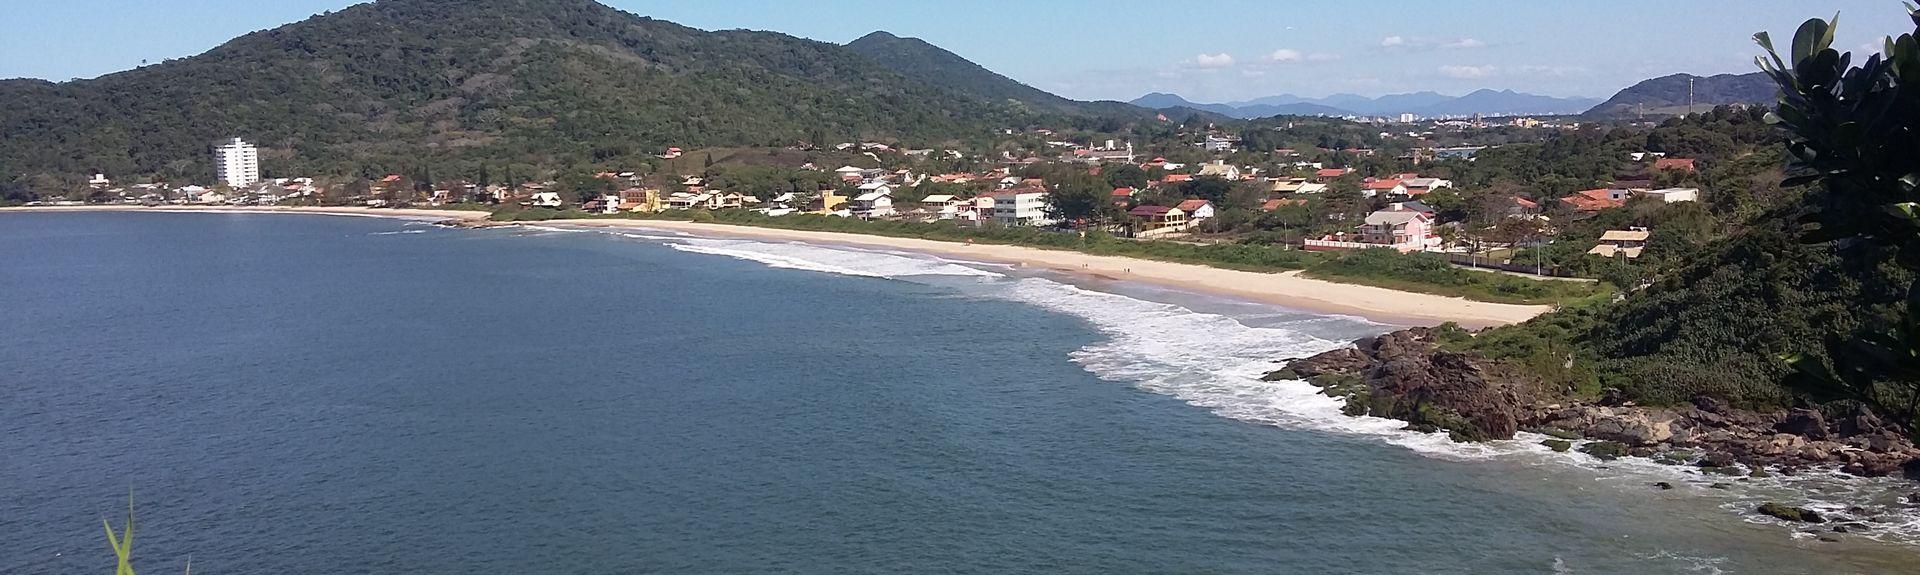 Praia de Armação do Itapocorói, Penha - SC, Brazil